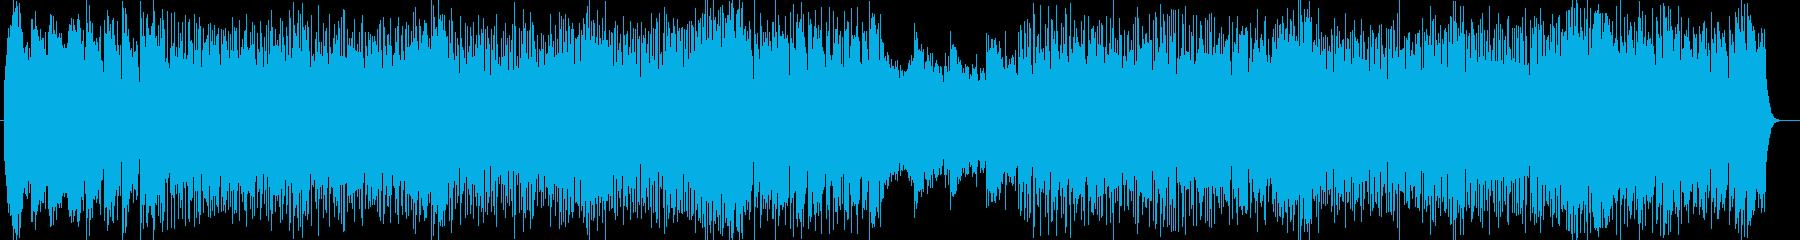 アップテンポミュージックの再生済みの波形